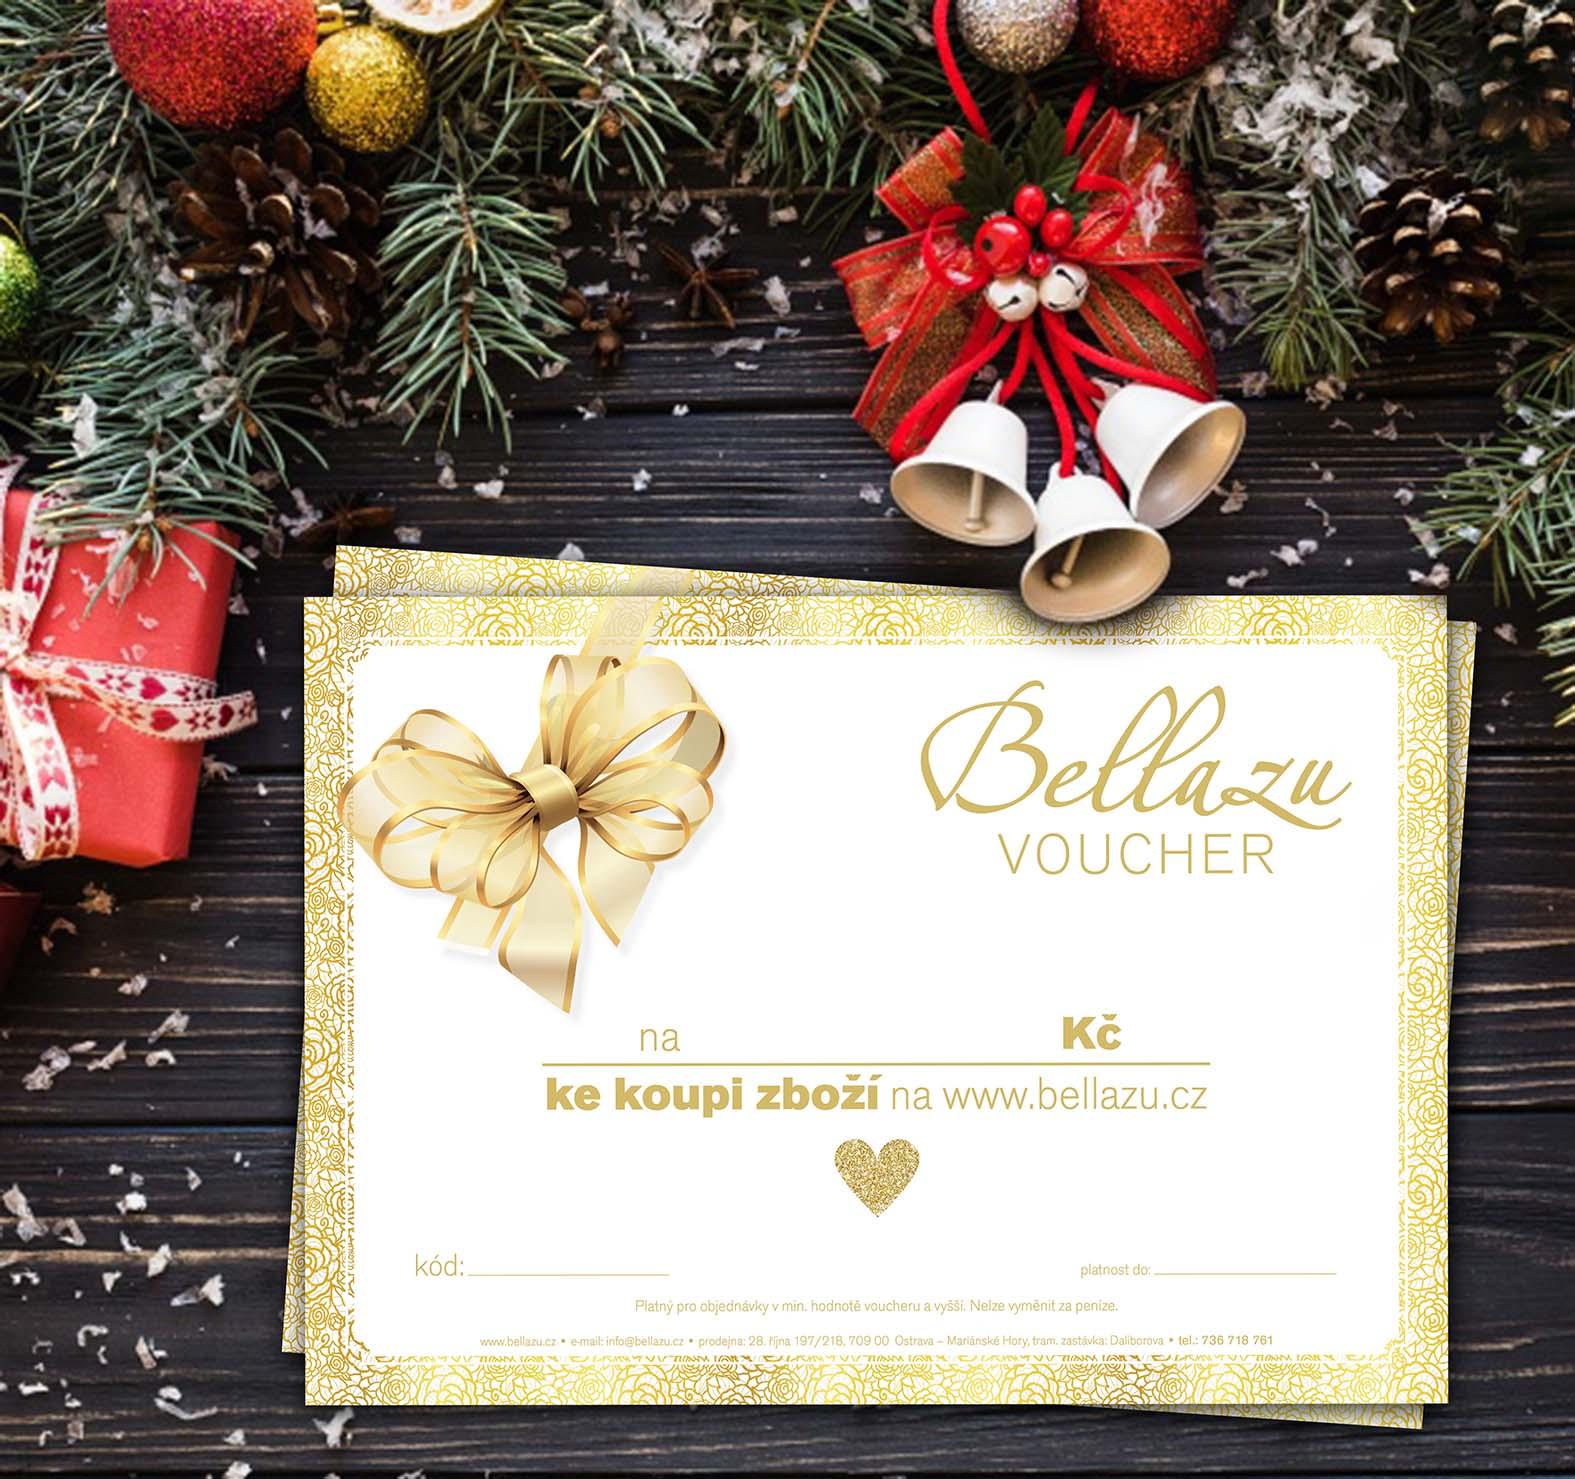 Krásné dárky k Vánocům mohou být dárkové poukazy od Bellazu